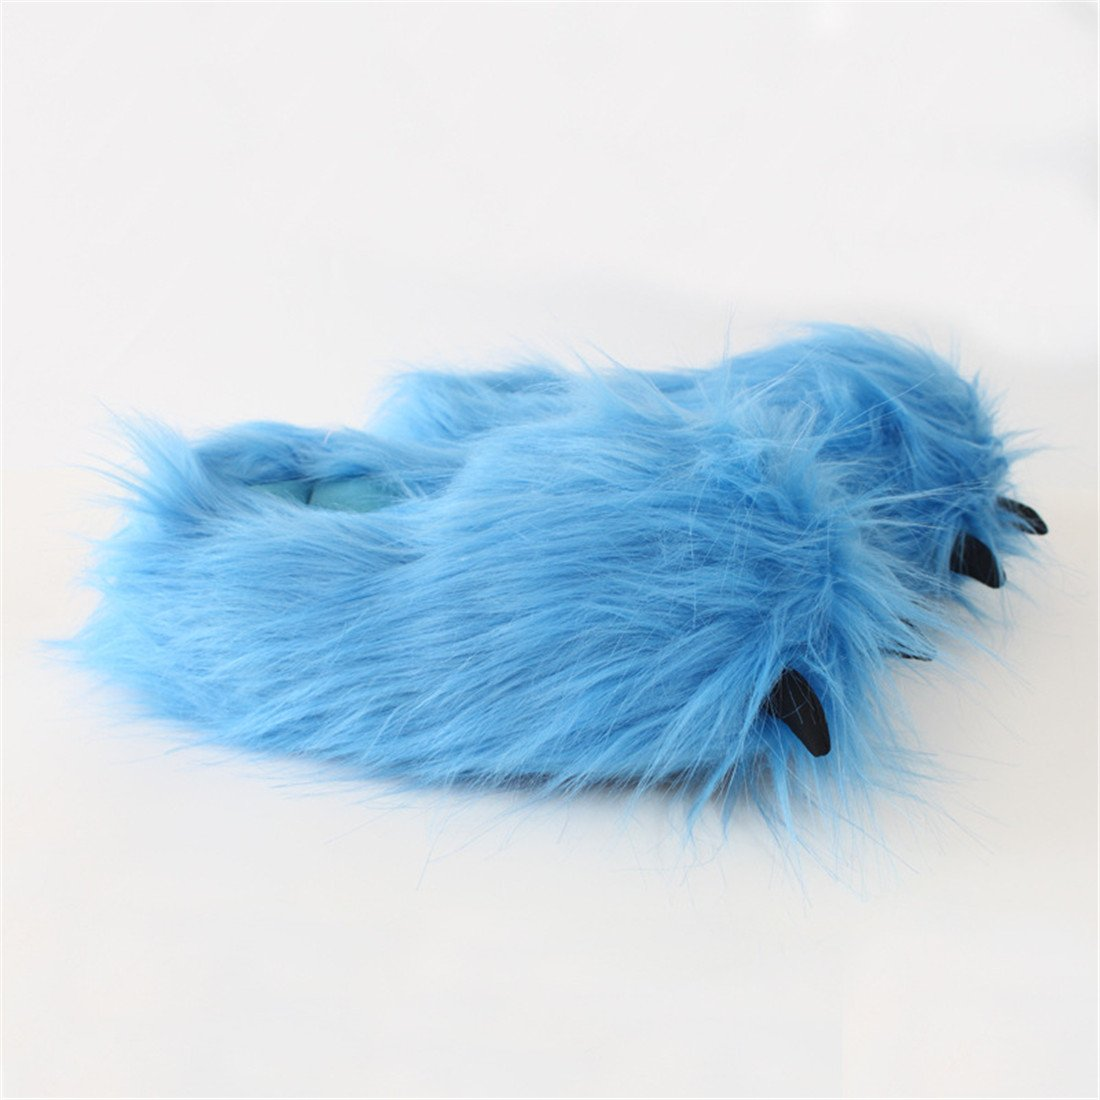 ぬいぐるみおもちゃ愛らしいぬいぐるみスリッパCozy動物スリッパハロウィンスリッパ B07DBPLTRN  6 Large